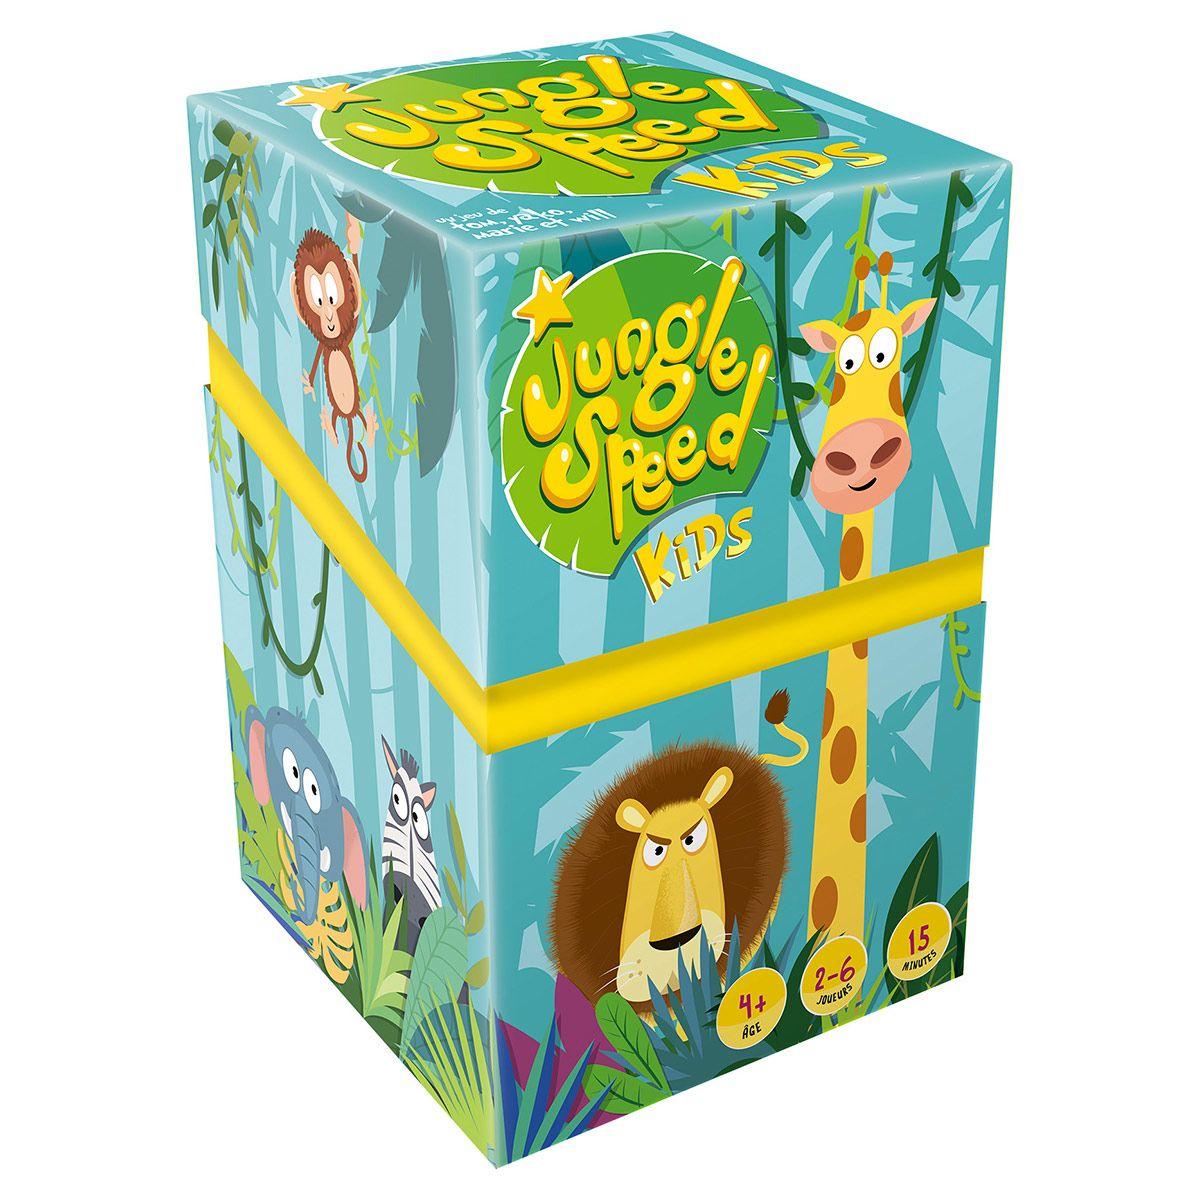 Jungle Speed Kids - Jeux De Société Et Puzzles - La Grande Récré dedans Jeux Enfant 4 Ans Gratuit